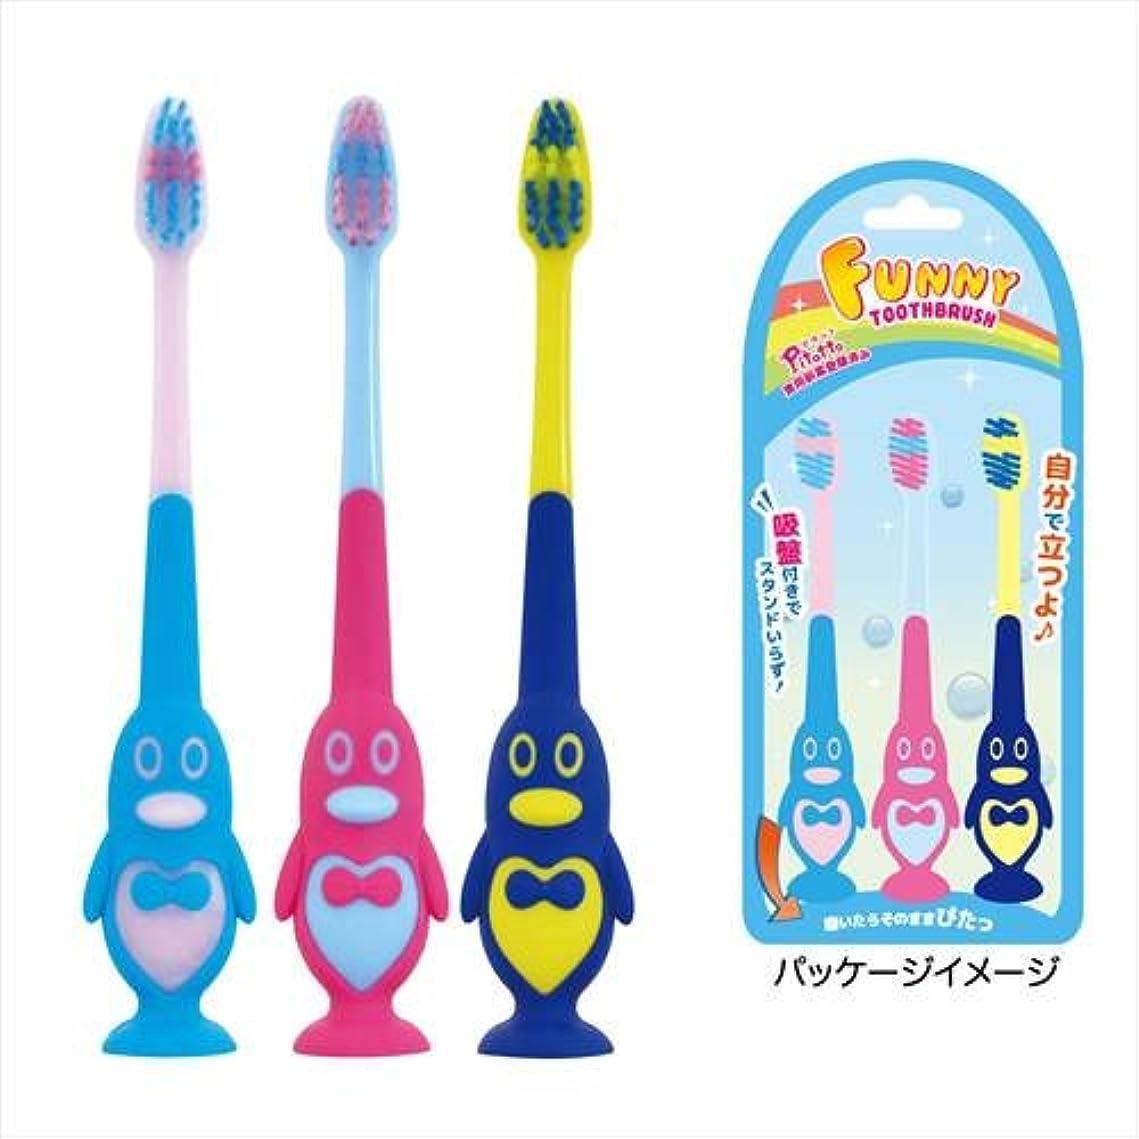 拘束崖感じる[歯ブラシ] 吸盤付き歯ブラシ 3本セット/ペンギン ユーカンパニー かわいい 洗面用具 グッズ 通販